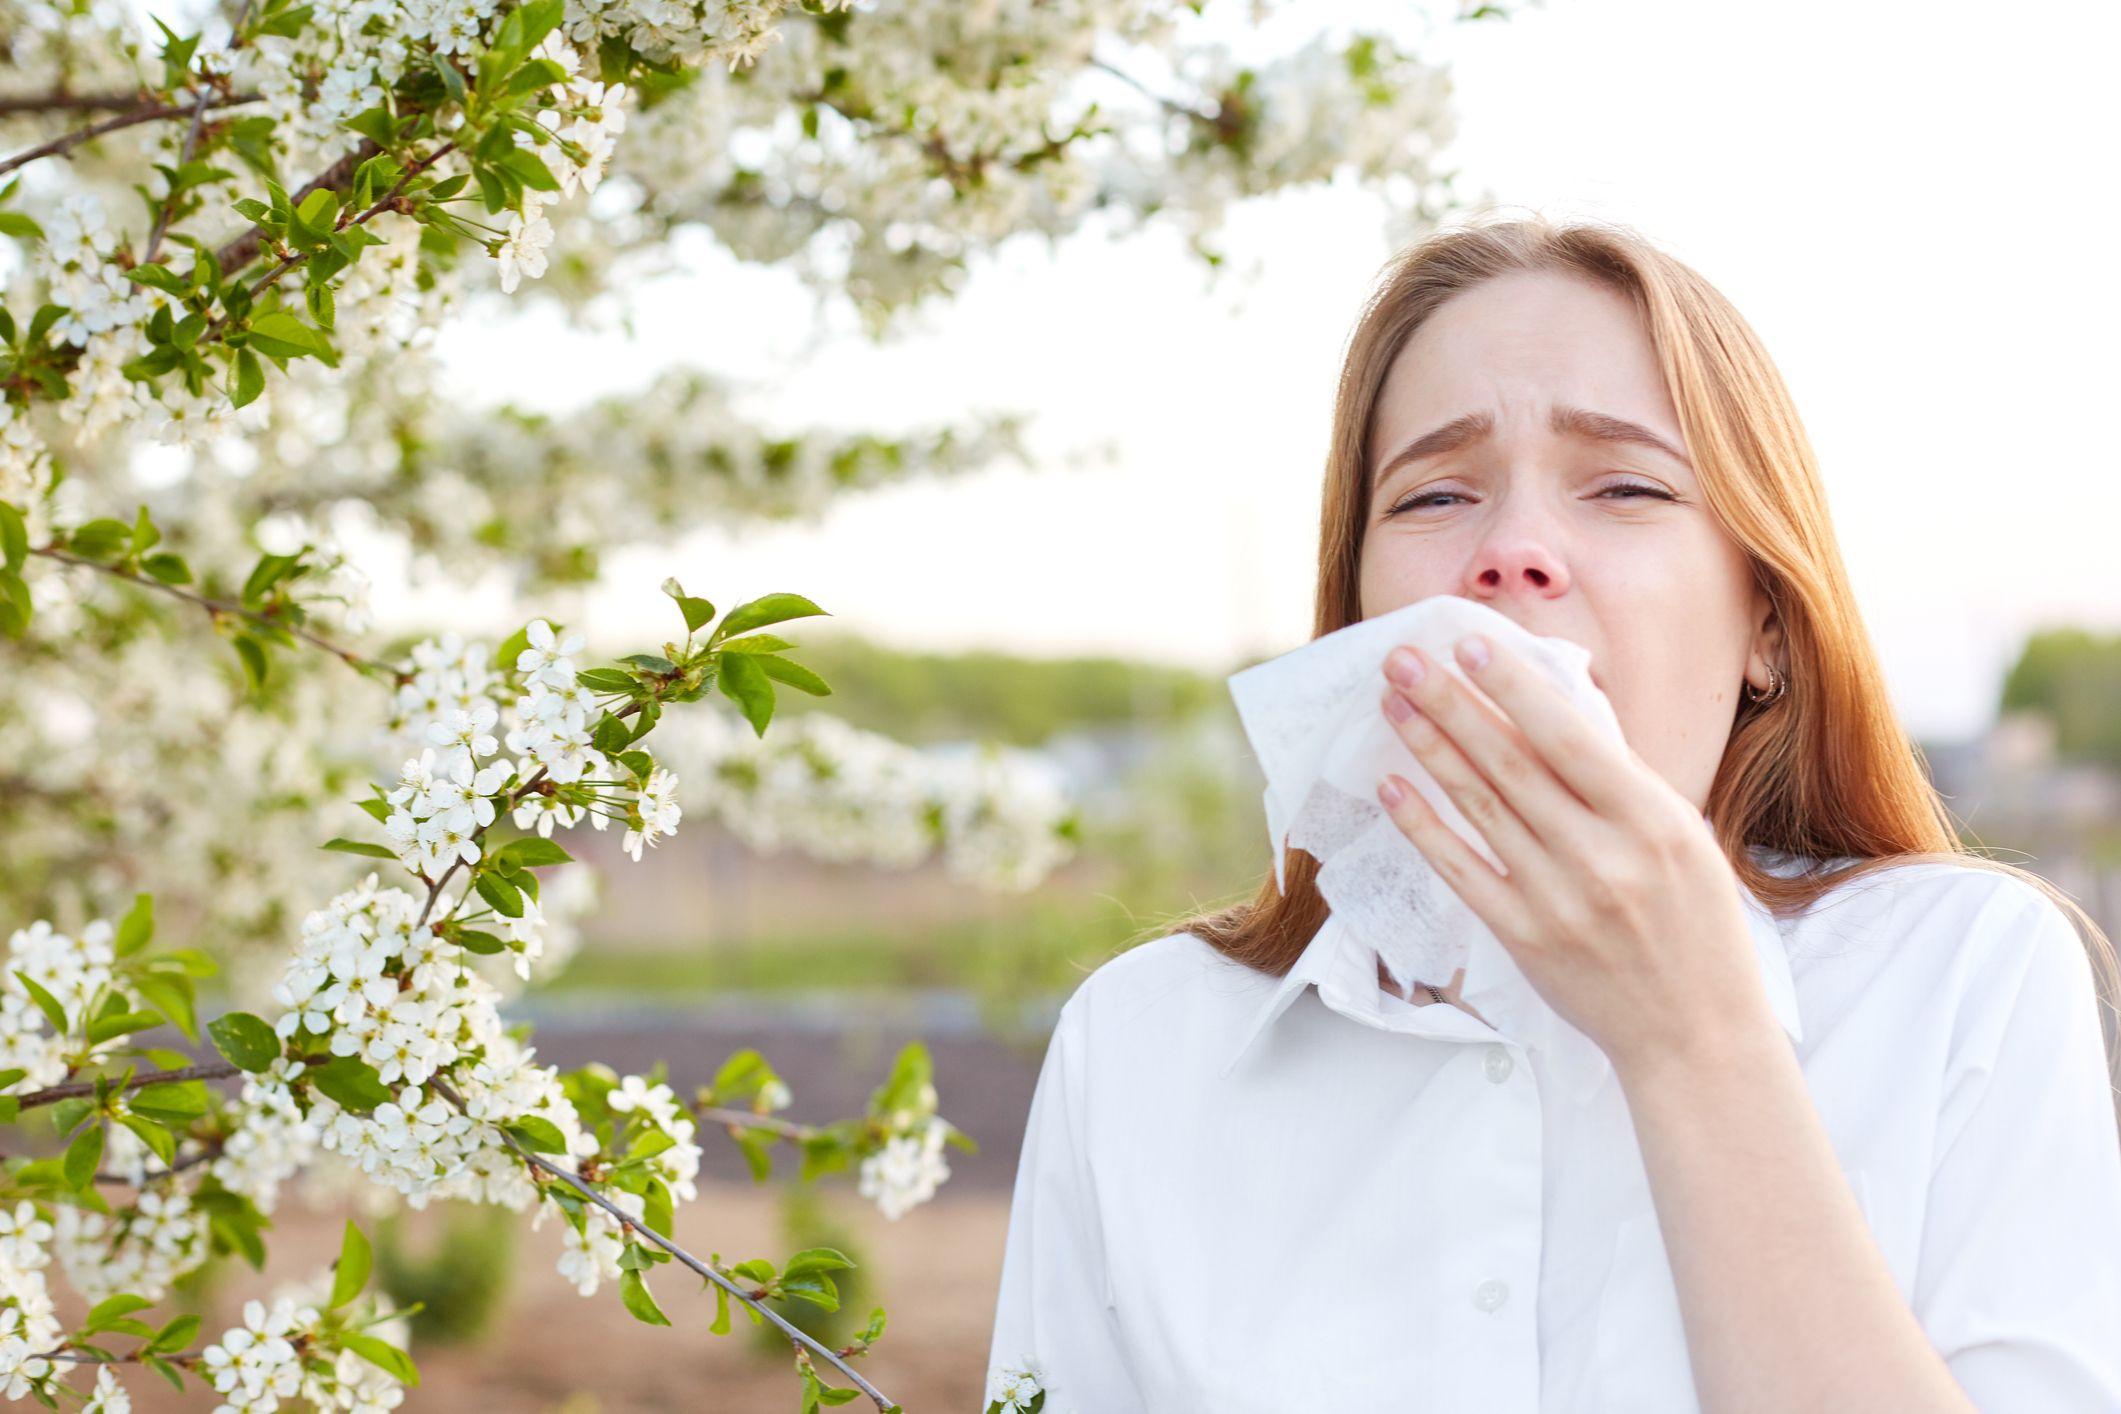 Alergias primaverales: cómo tratarla y reducir sus síntomas